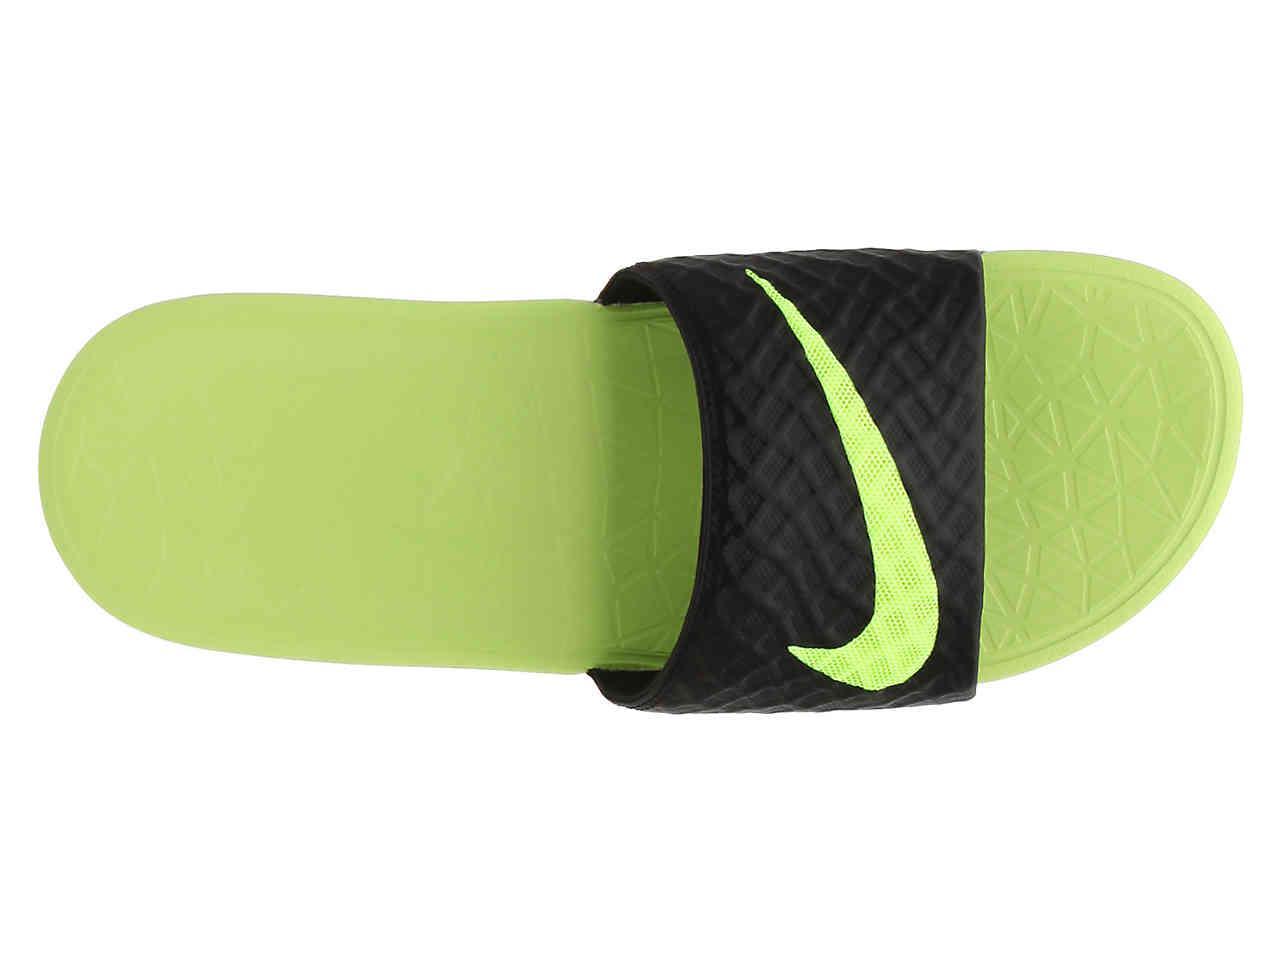 bc008ac09 Nike - Green Benassi Solarsoft 2 Slide Sandal for Men - Lyst. View  fullscreen